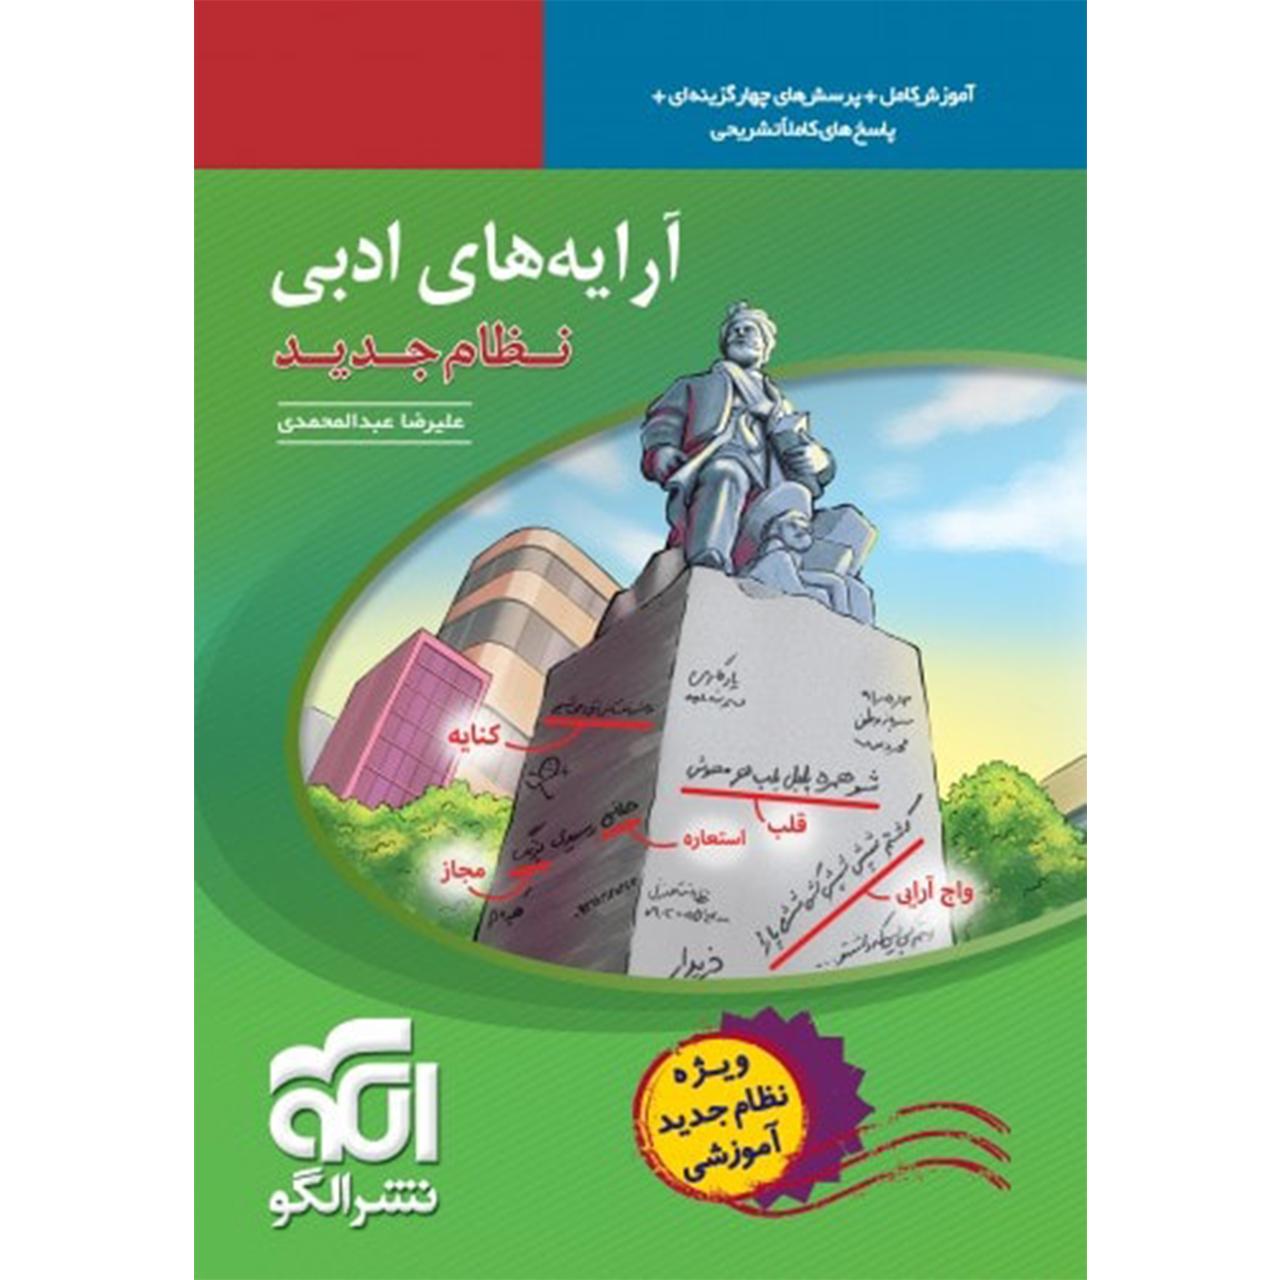 کتاب آرایه های ادبی نظام جدید اثر علیرضا عبد المحمدی